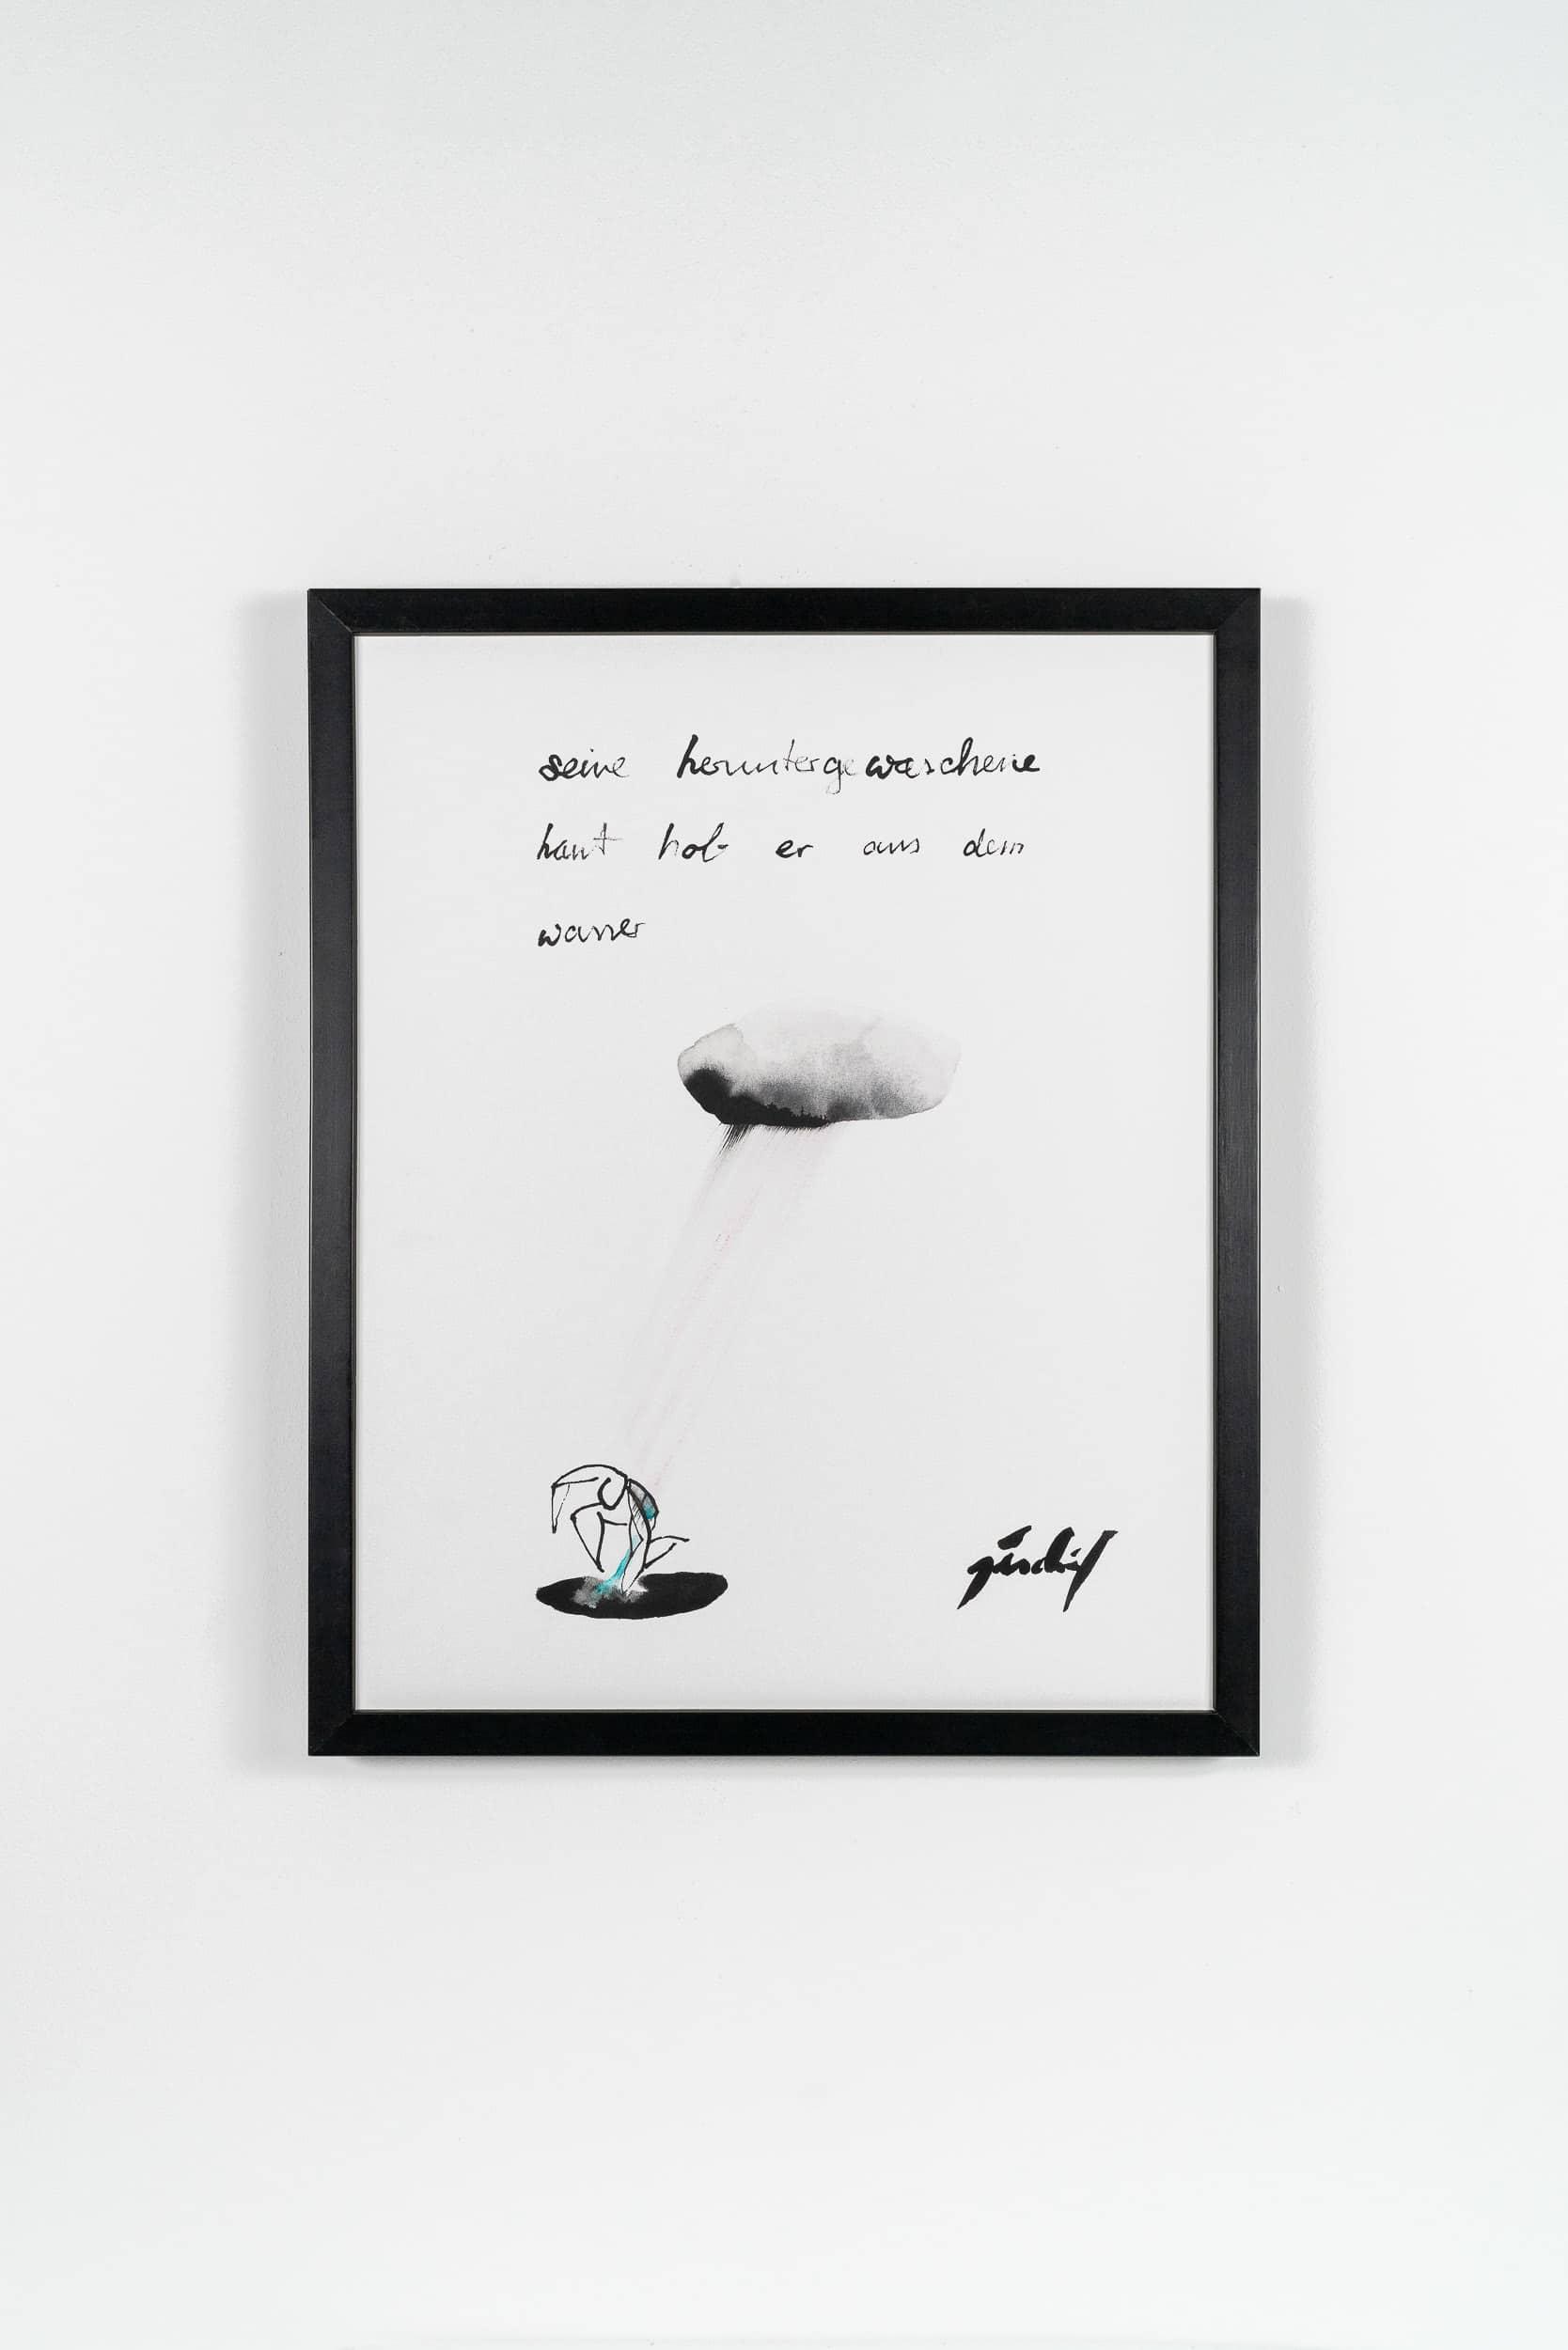 R04 Er und der Regen 04 40 × 50 cm Tusche / Gouache 2014